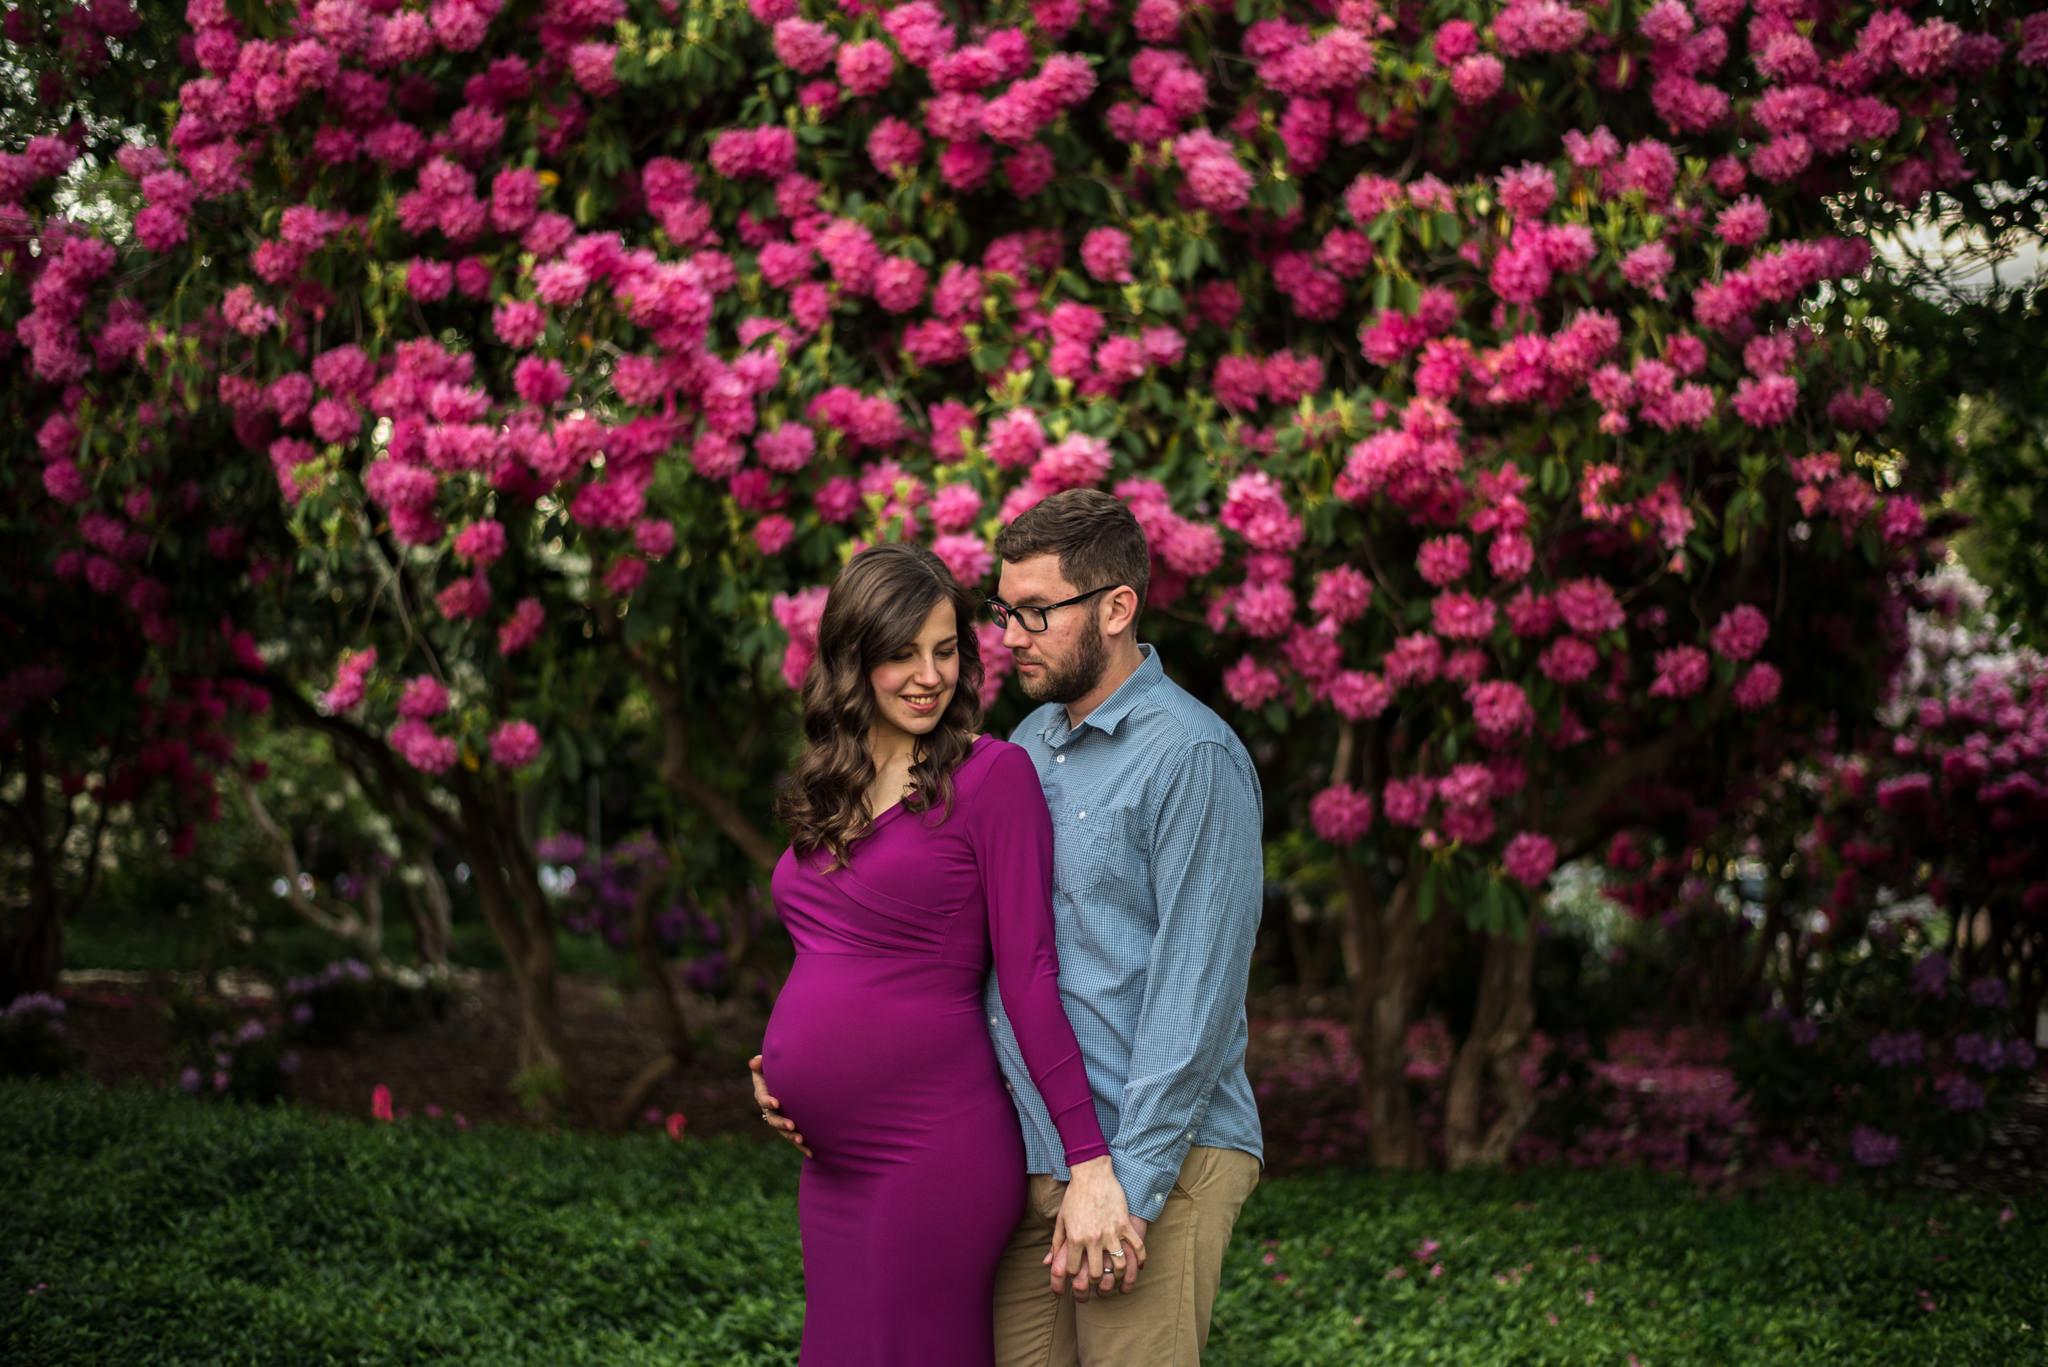 Deer Lake Park Maternity Photographer-38.JPG